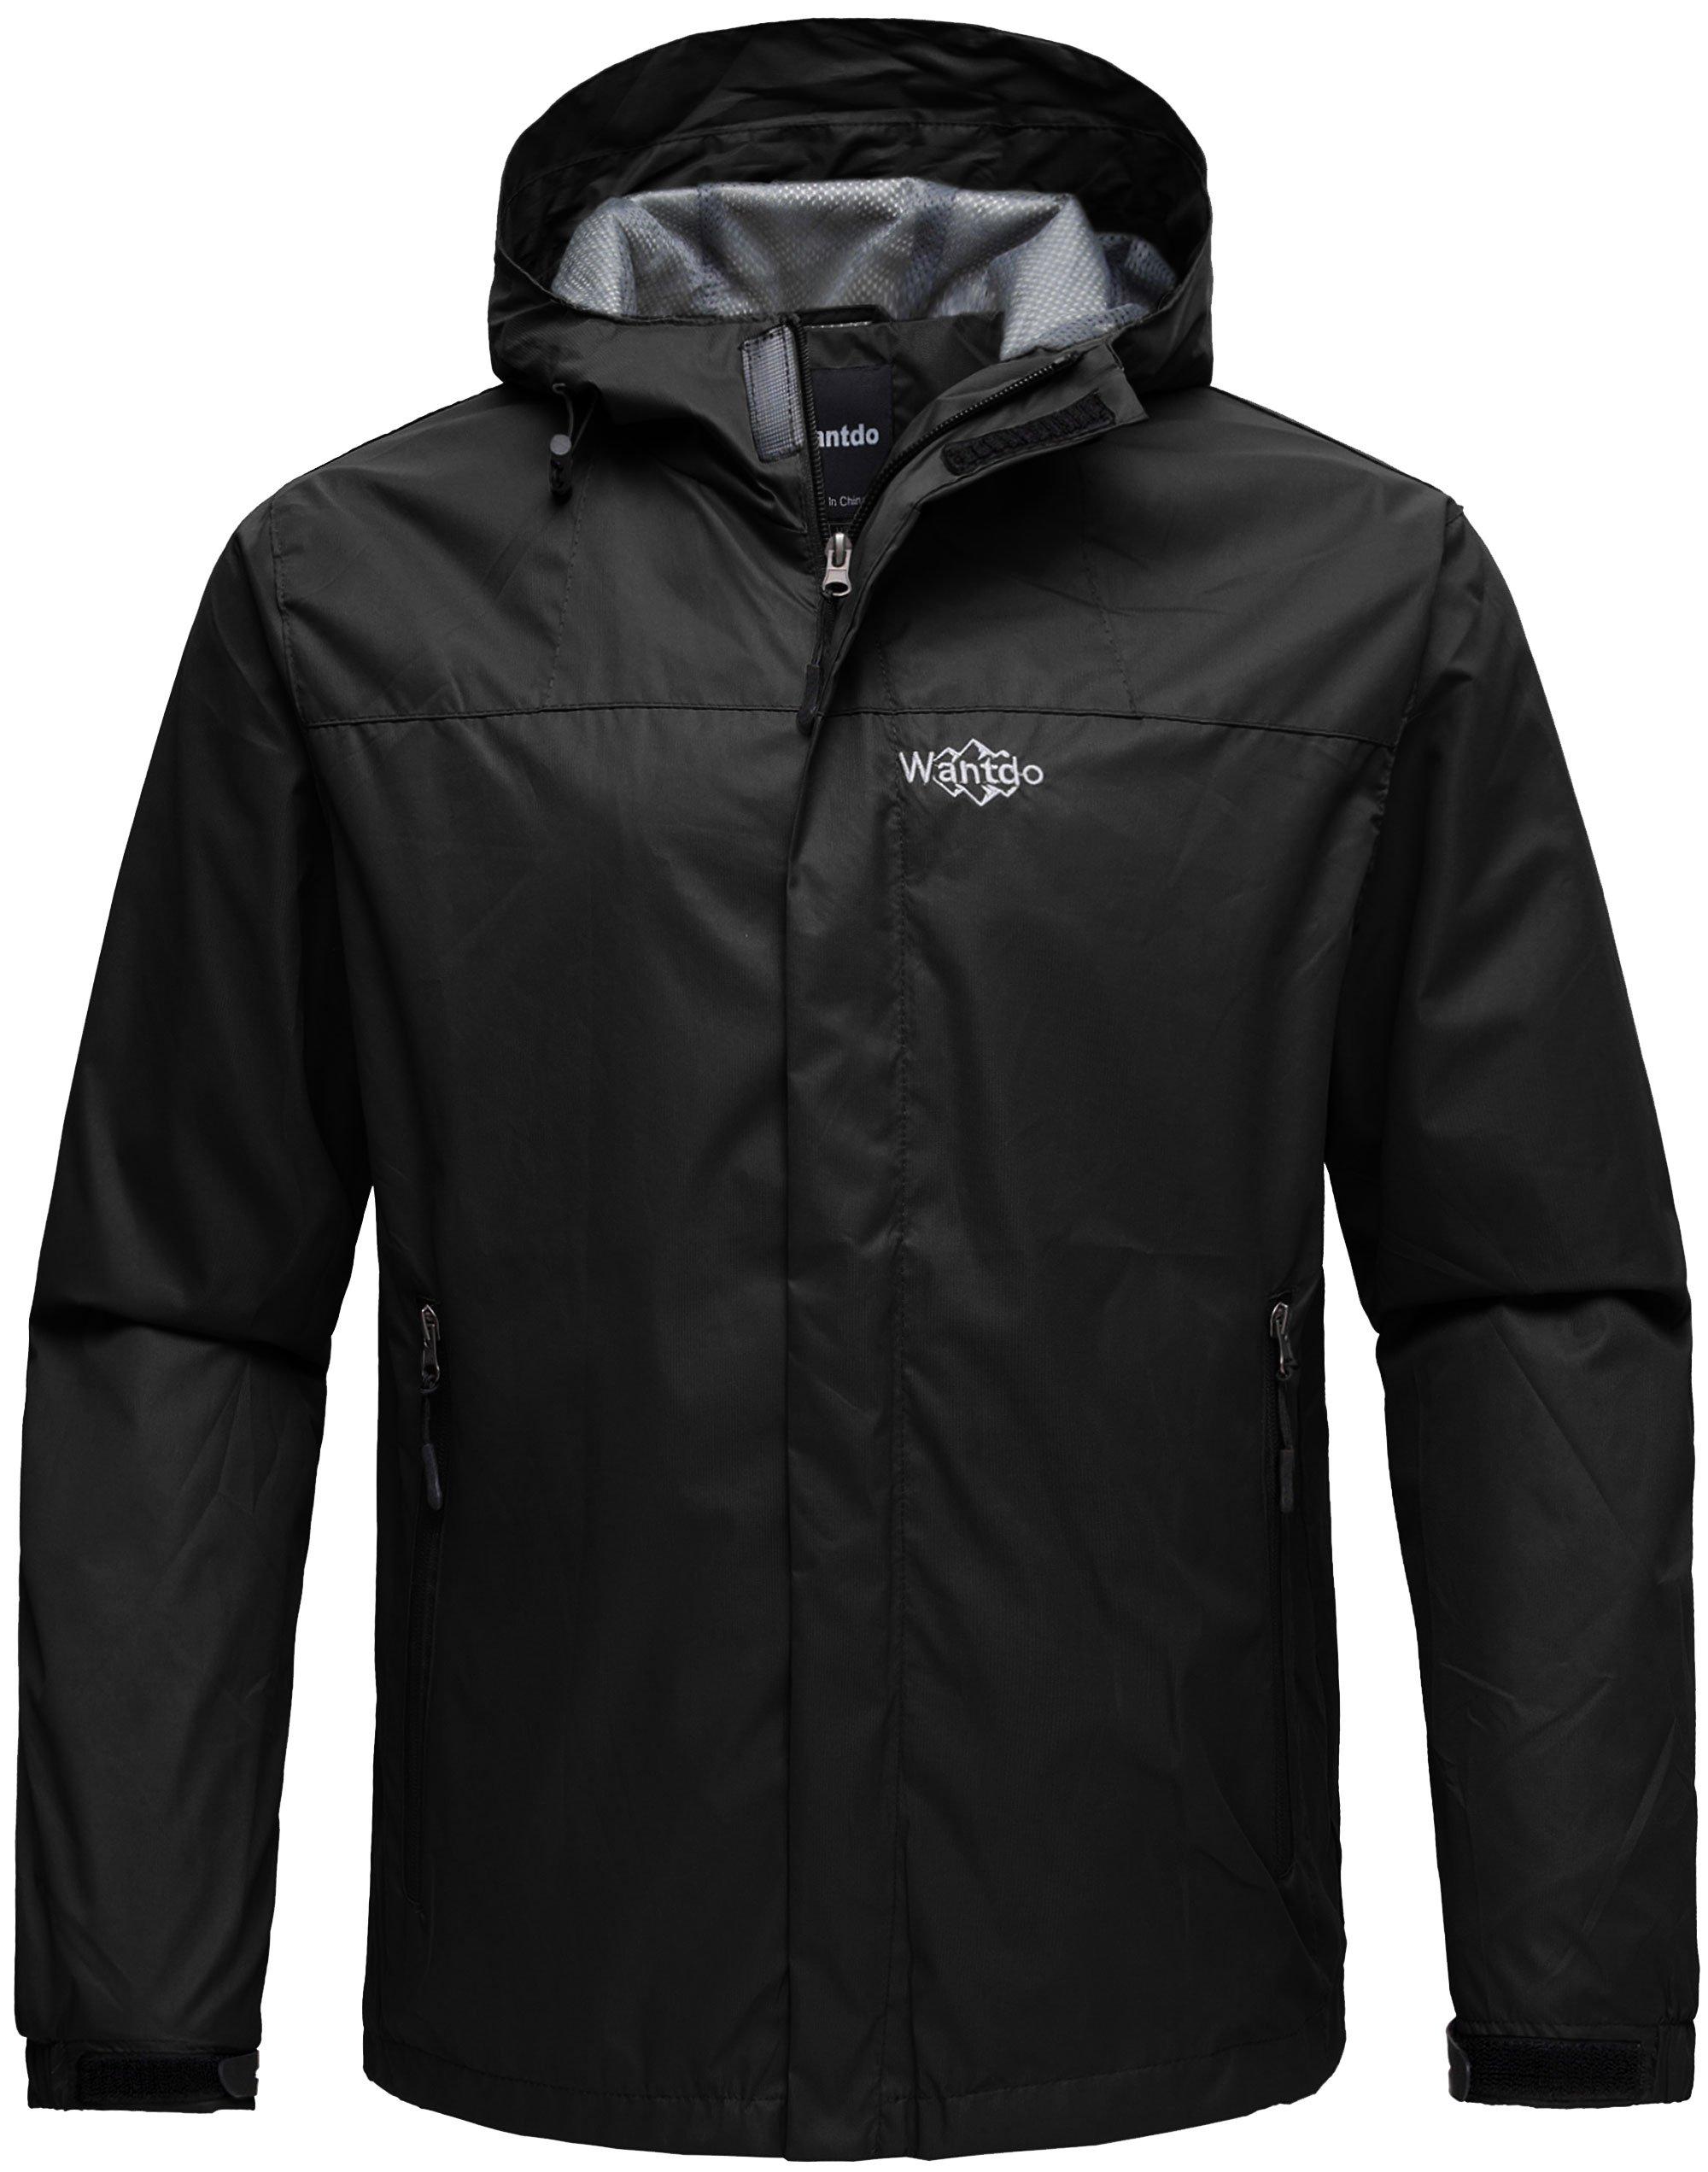 Wantdo Men's Zip Rain Jacket Windproof Windbreaker Outwear Coat for Mountaineering Black XL